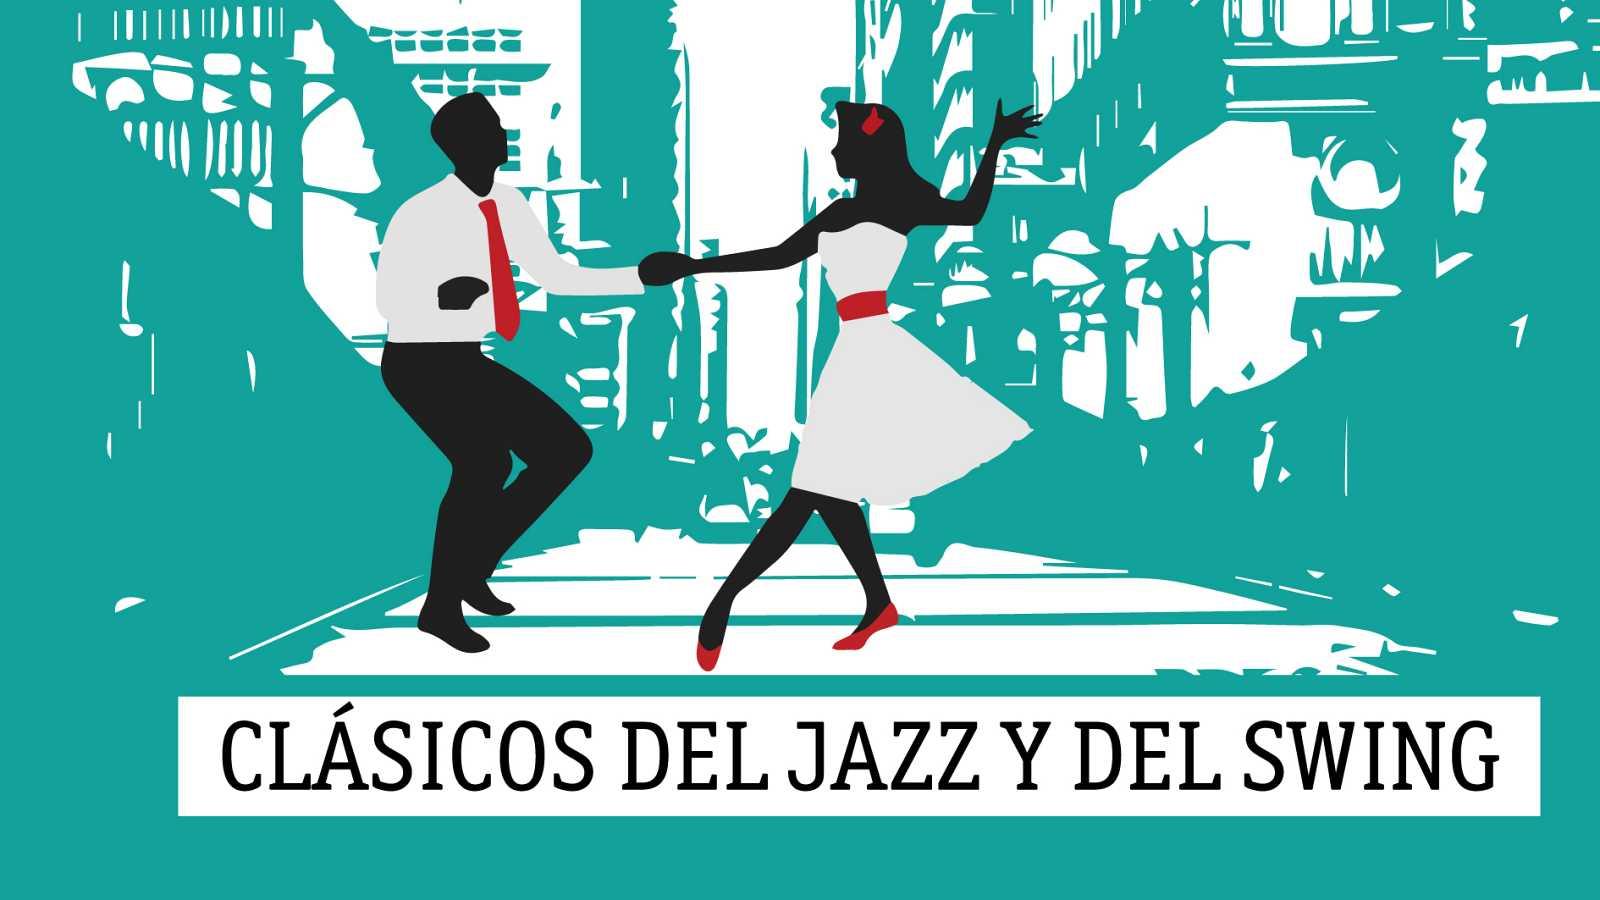 Clásicos del jazz y del swing - Henry Mancini: Genio explícito - 18/09/20 - escuchar ahora